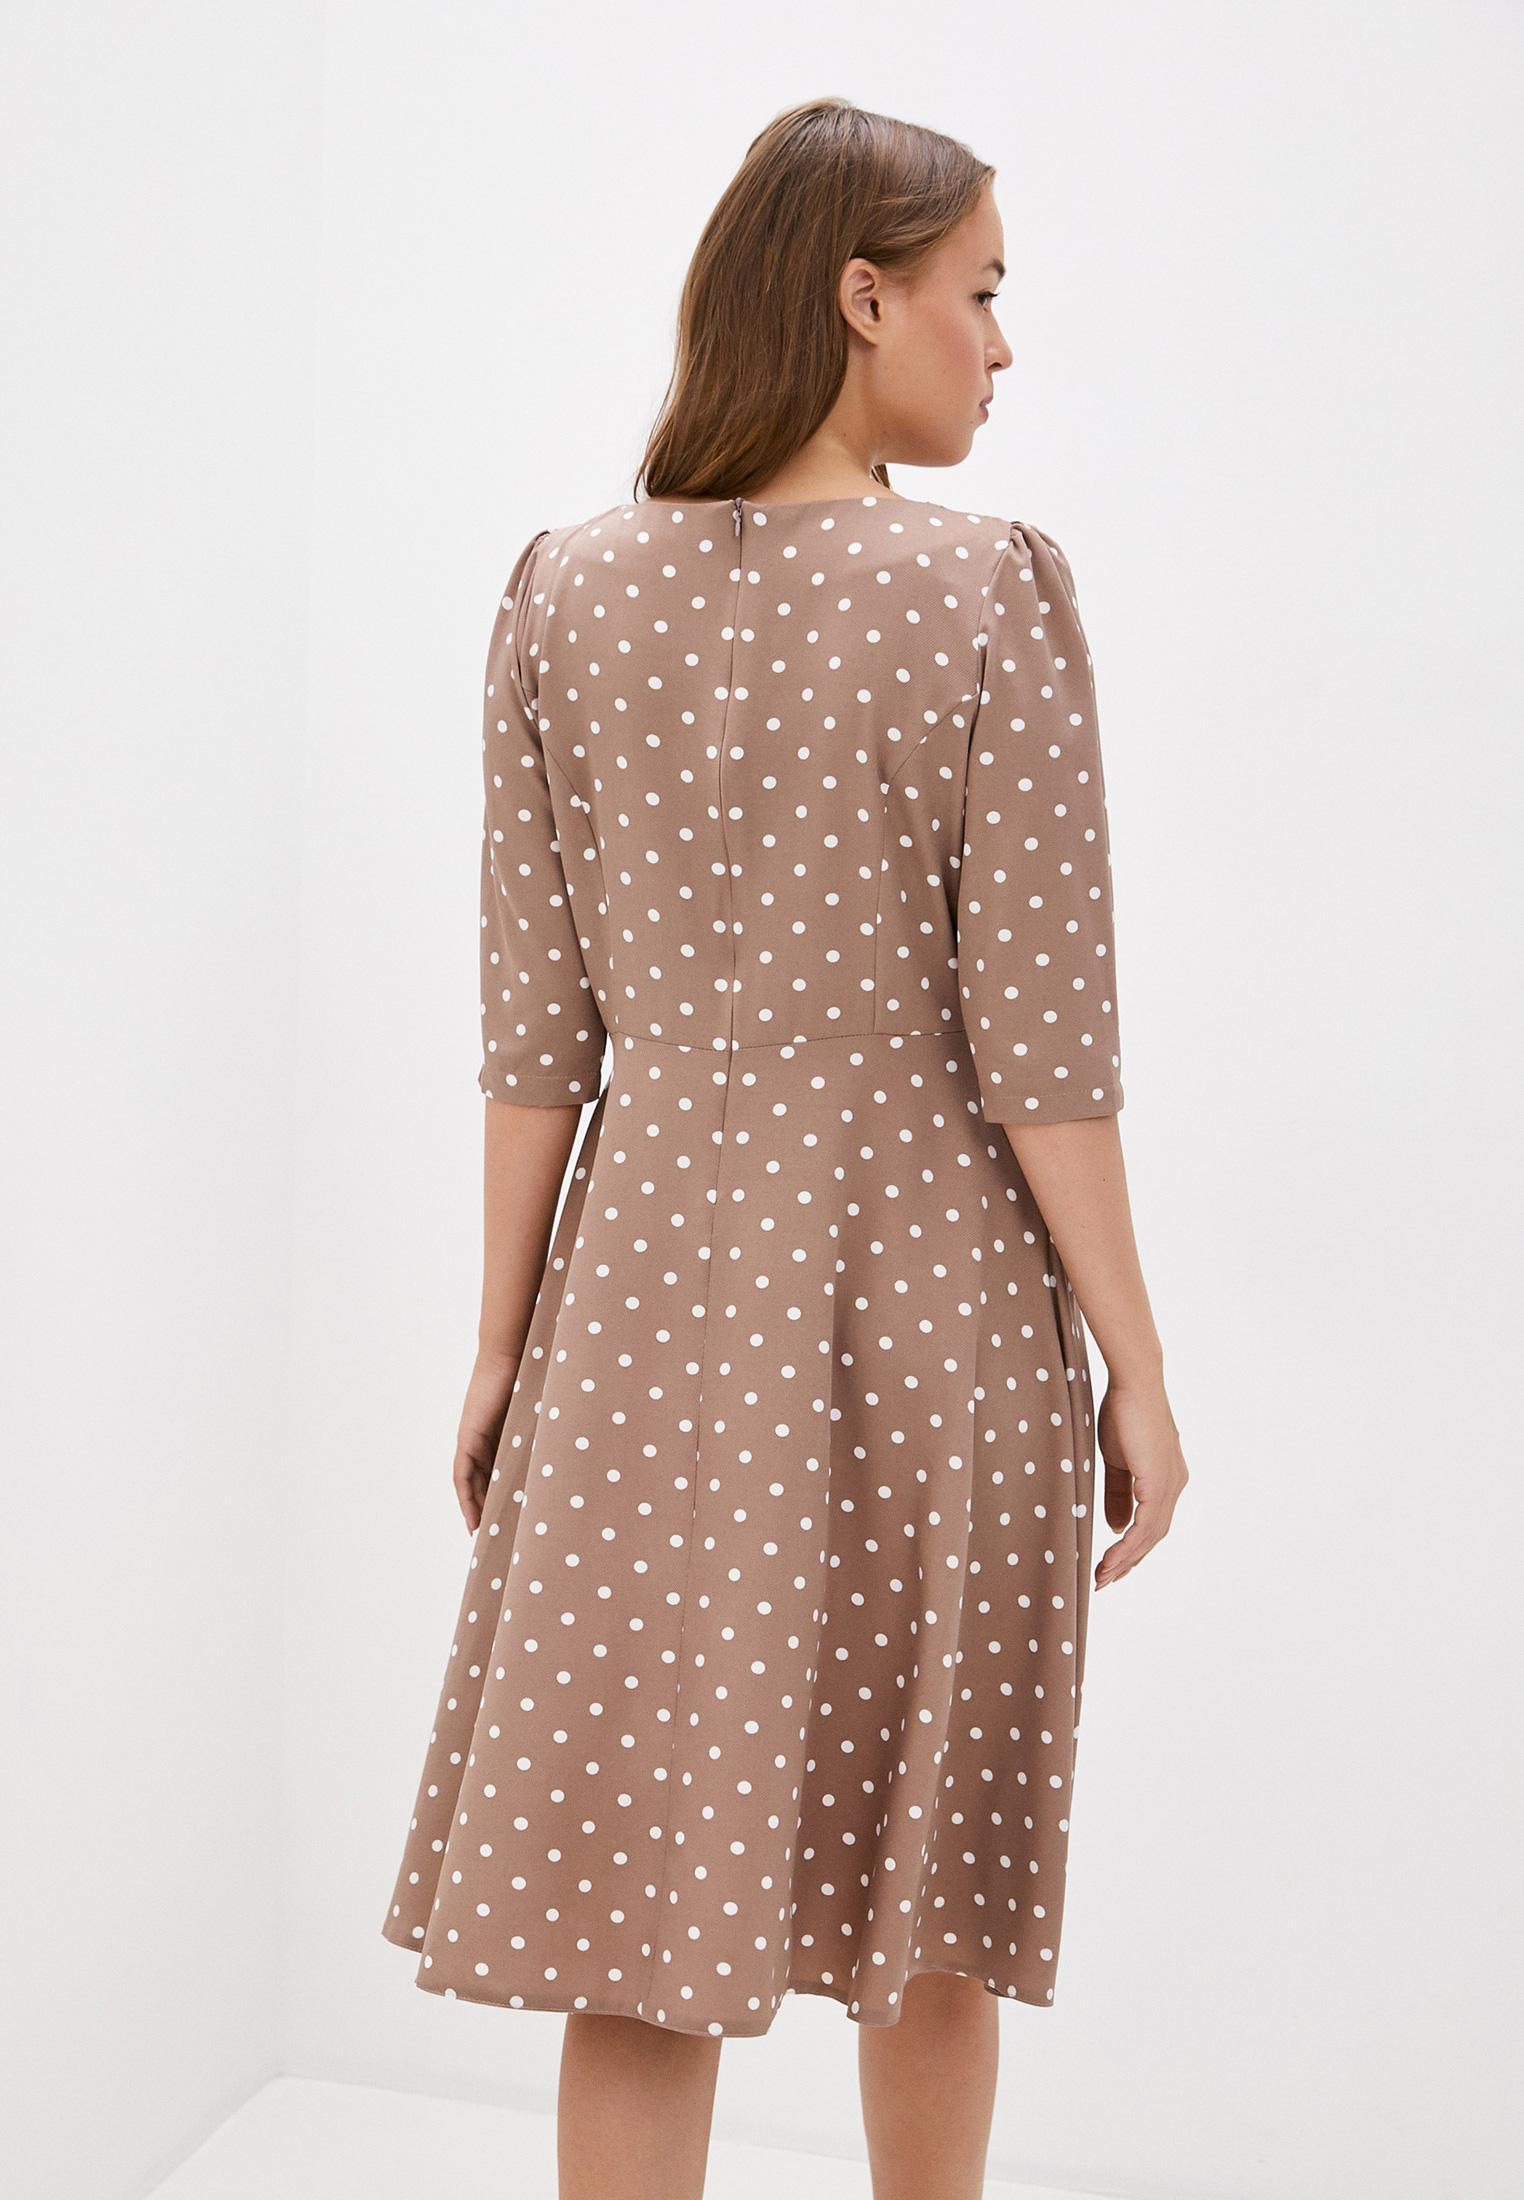 Повседневное платье Toku Tino TT8513023k/: изображение 7